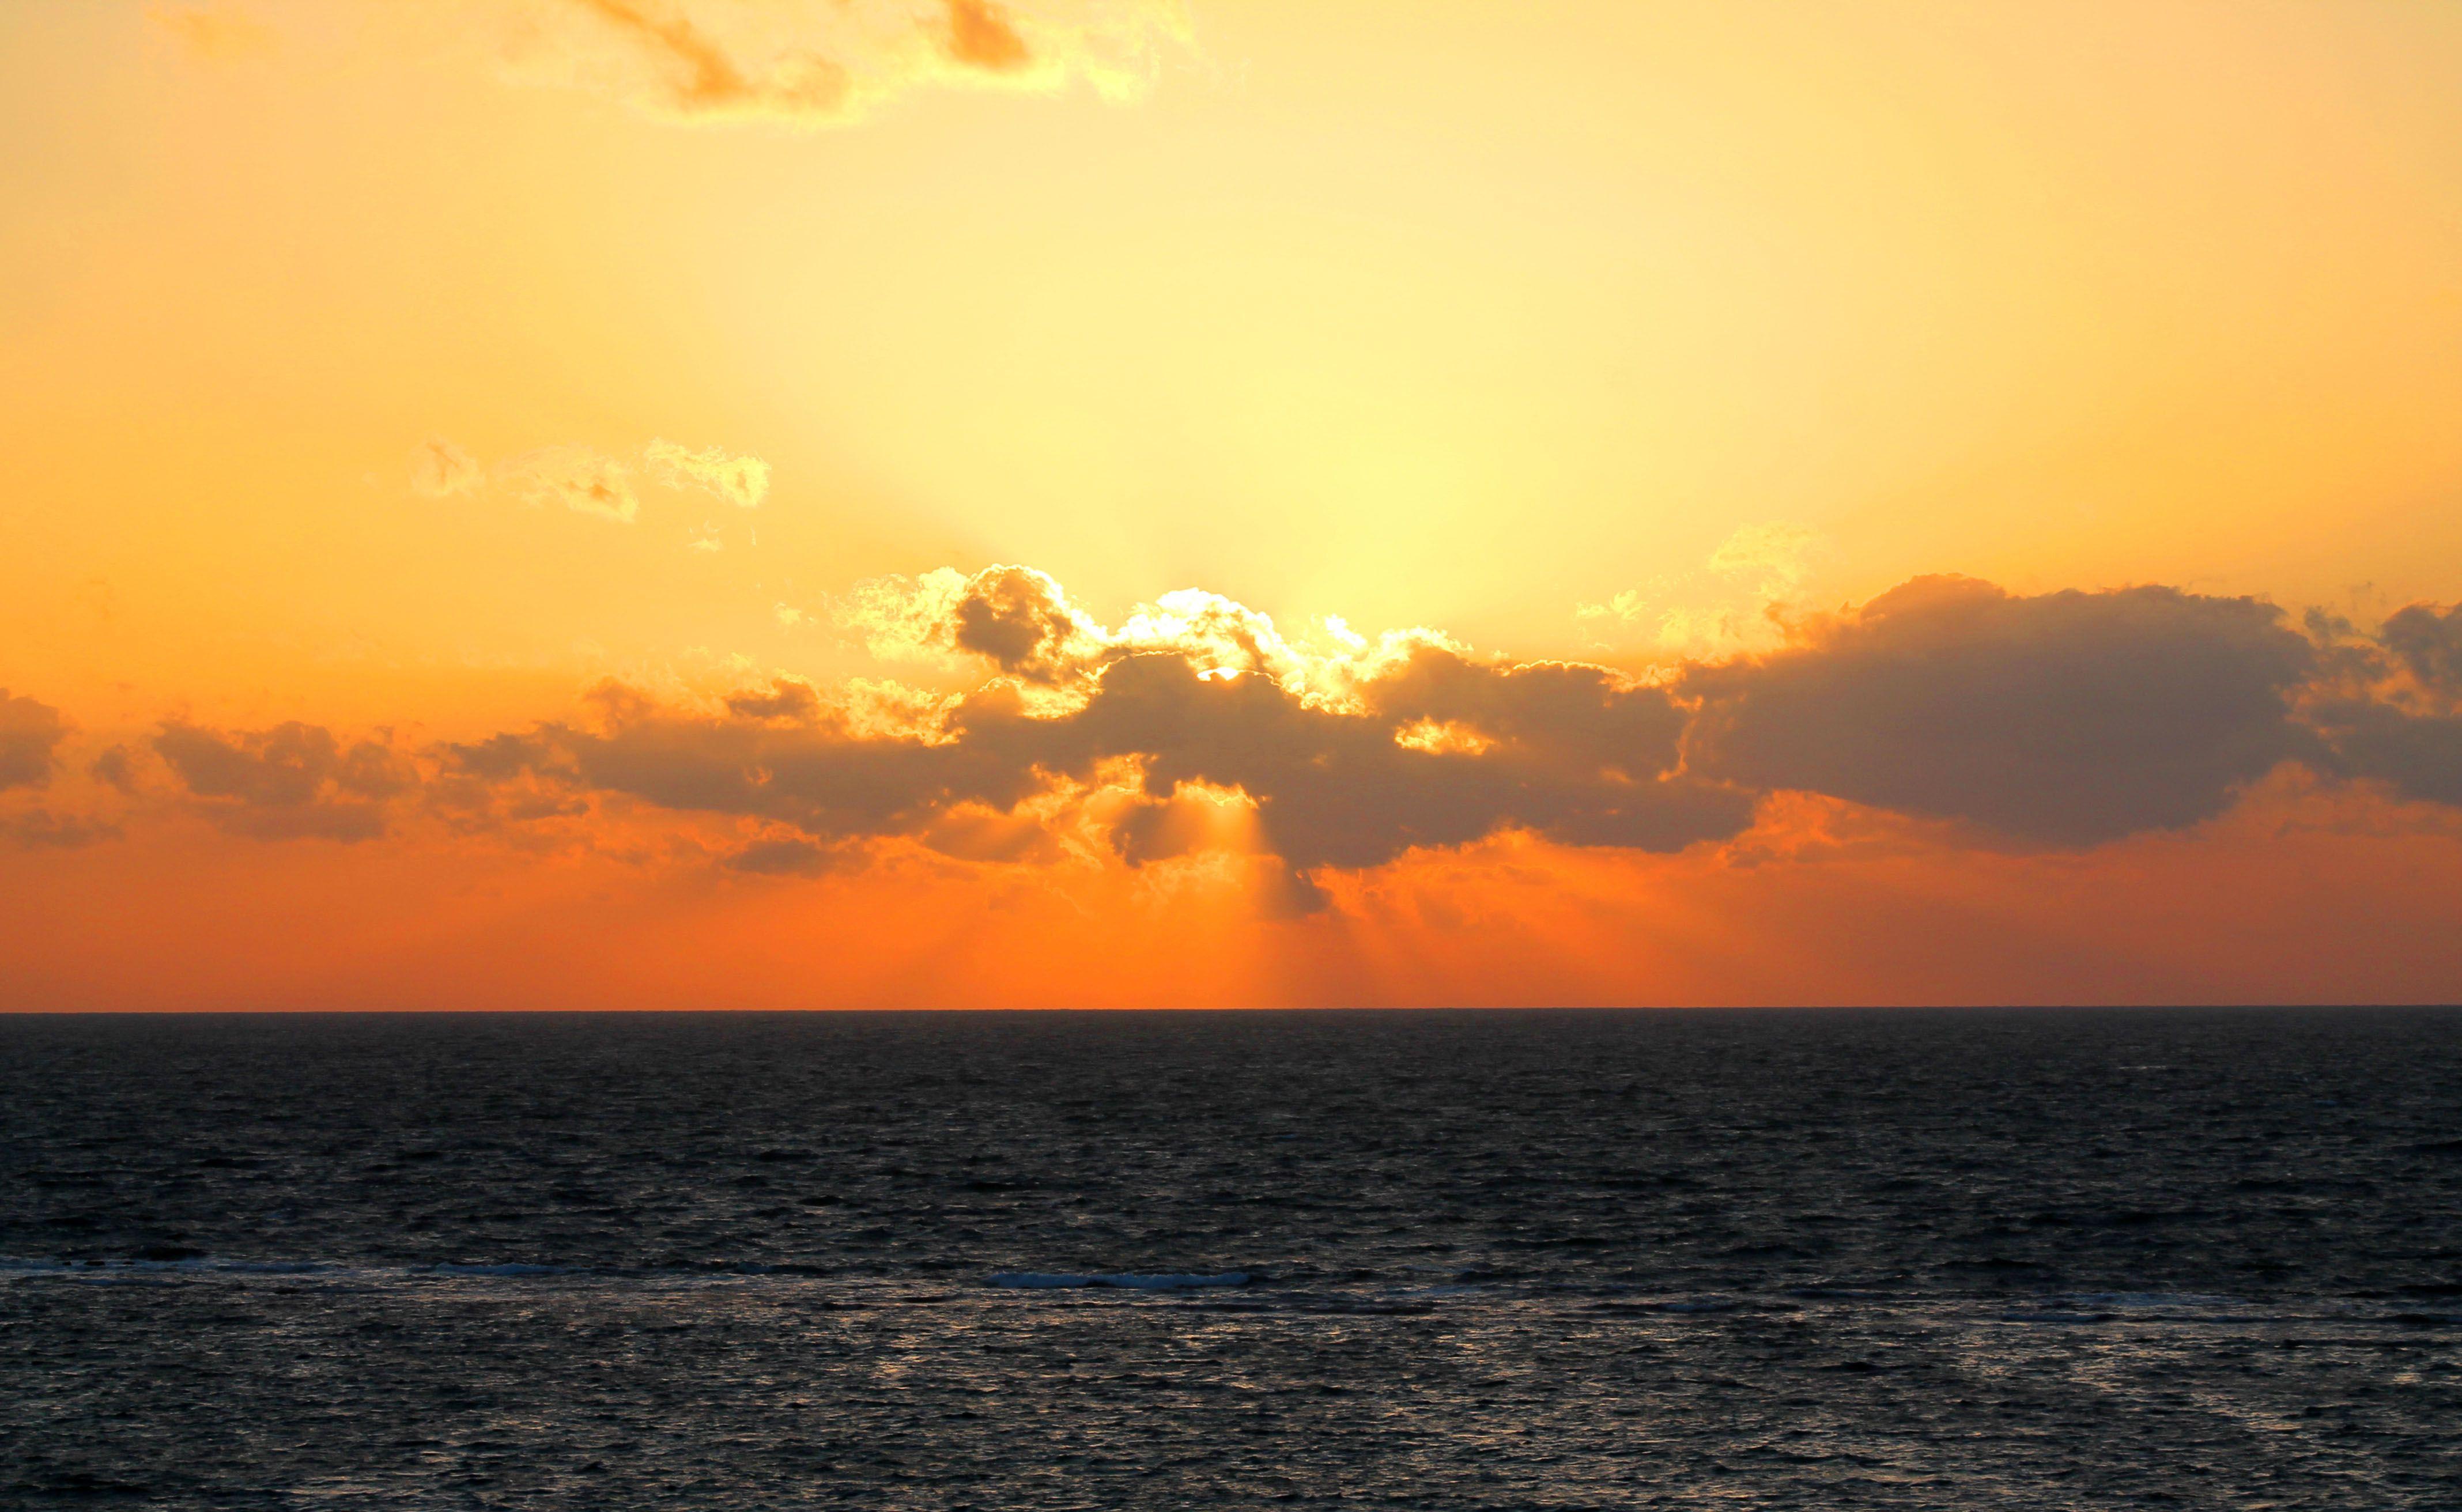 غروب الشمس الأسكندرية 10 مايو 2013 Sunset Outdoor Celestial